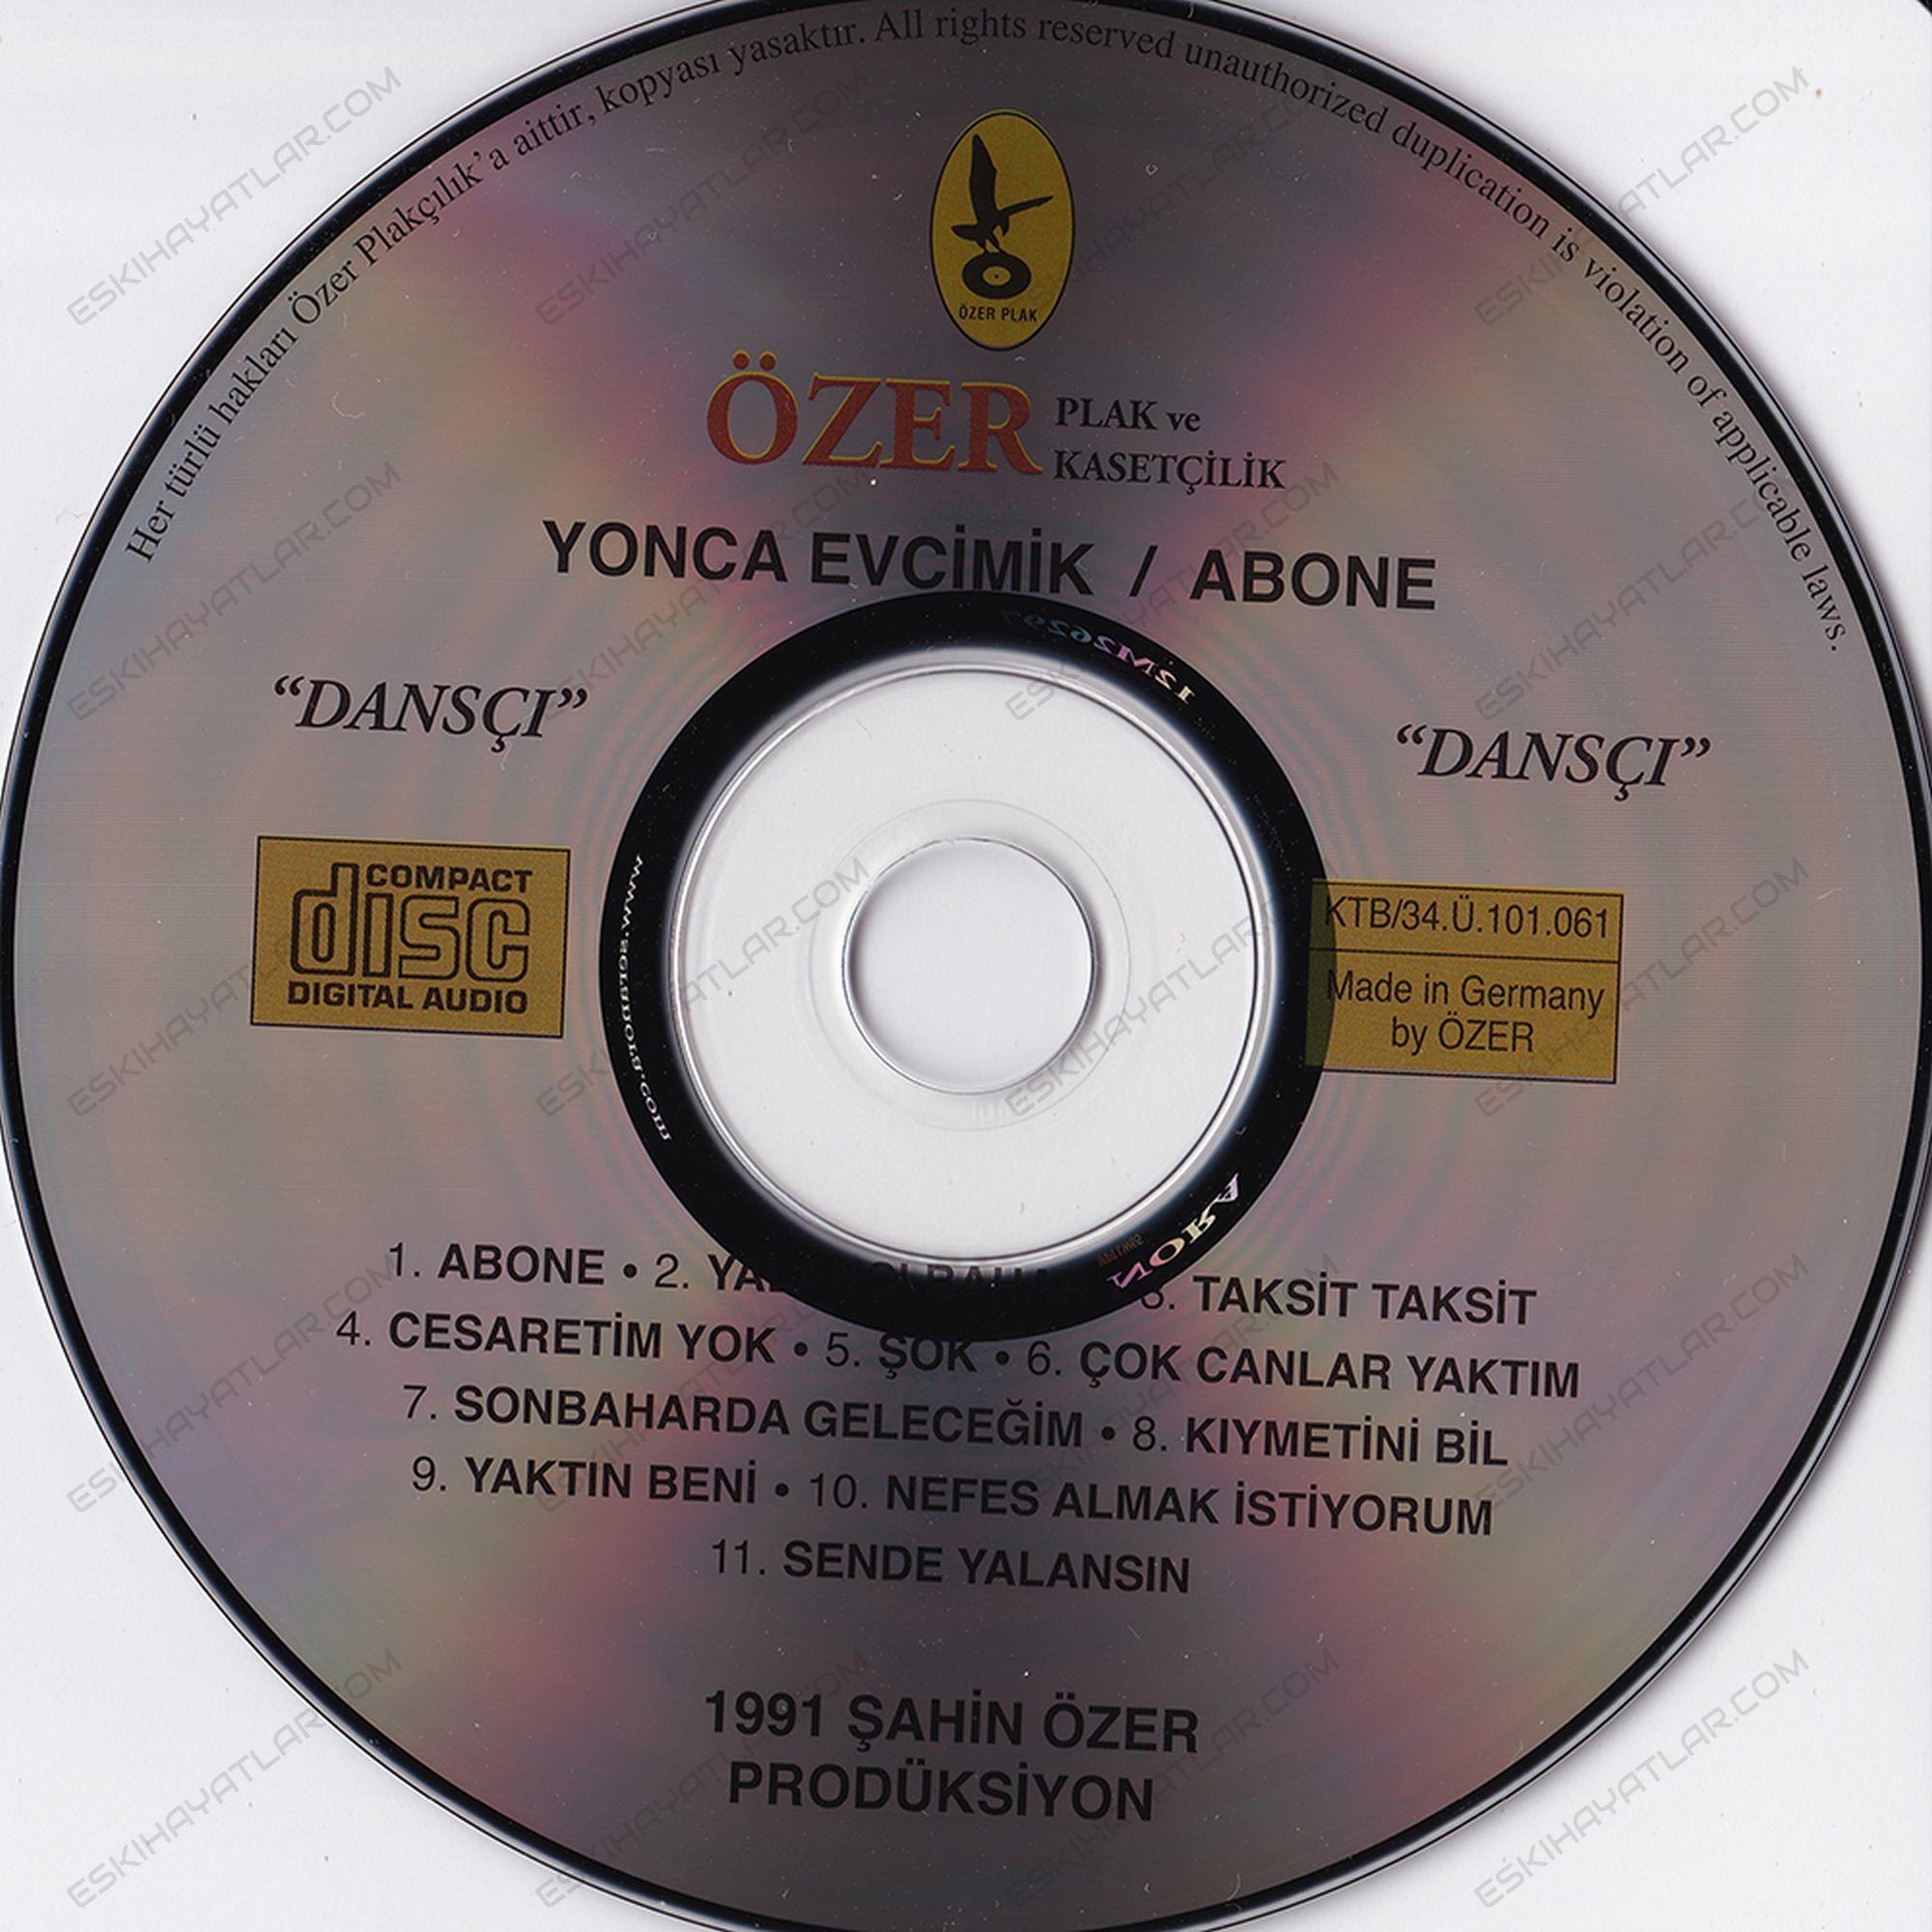 yonca-evcimik-abone-kaset-icerigi-album-kapagi (4)